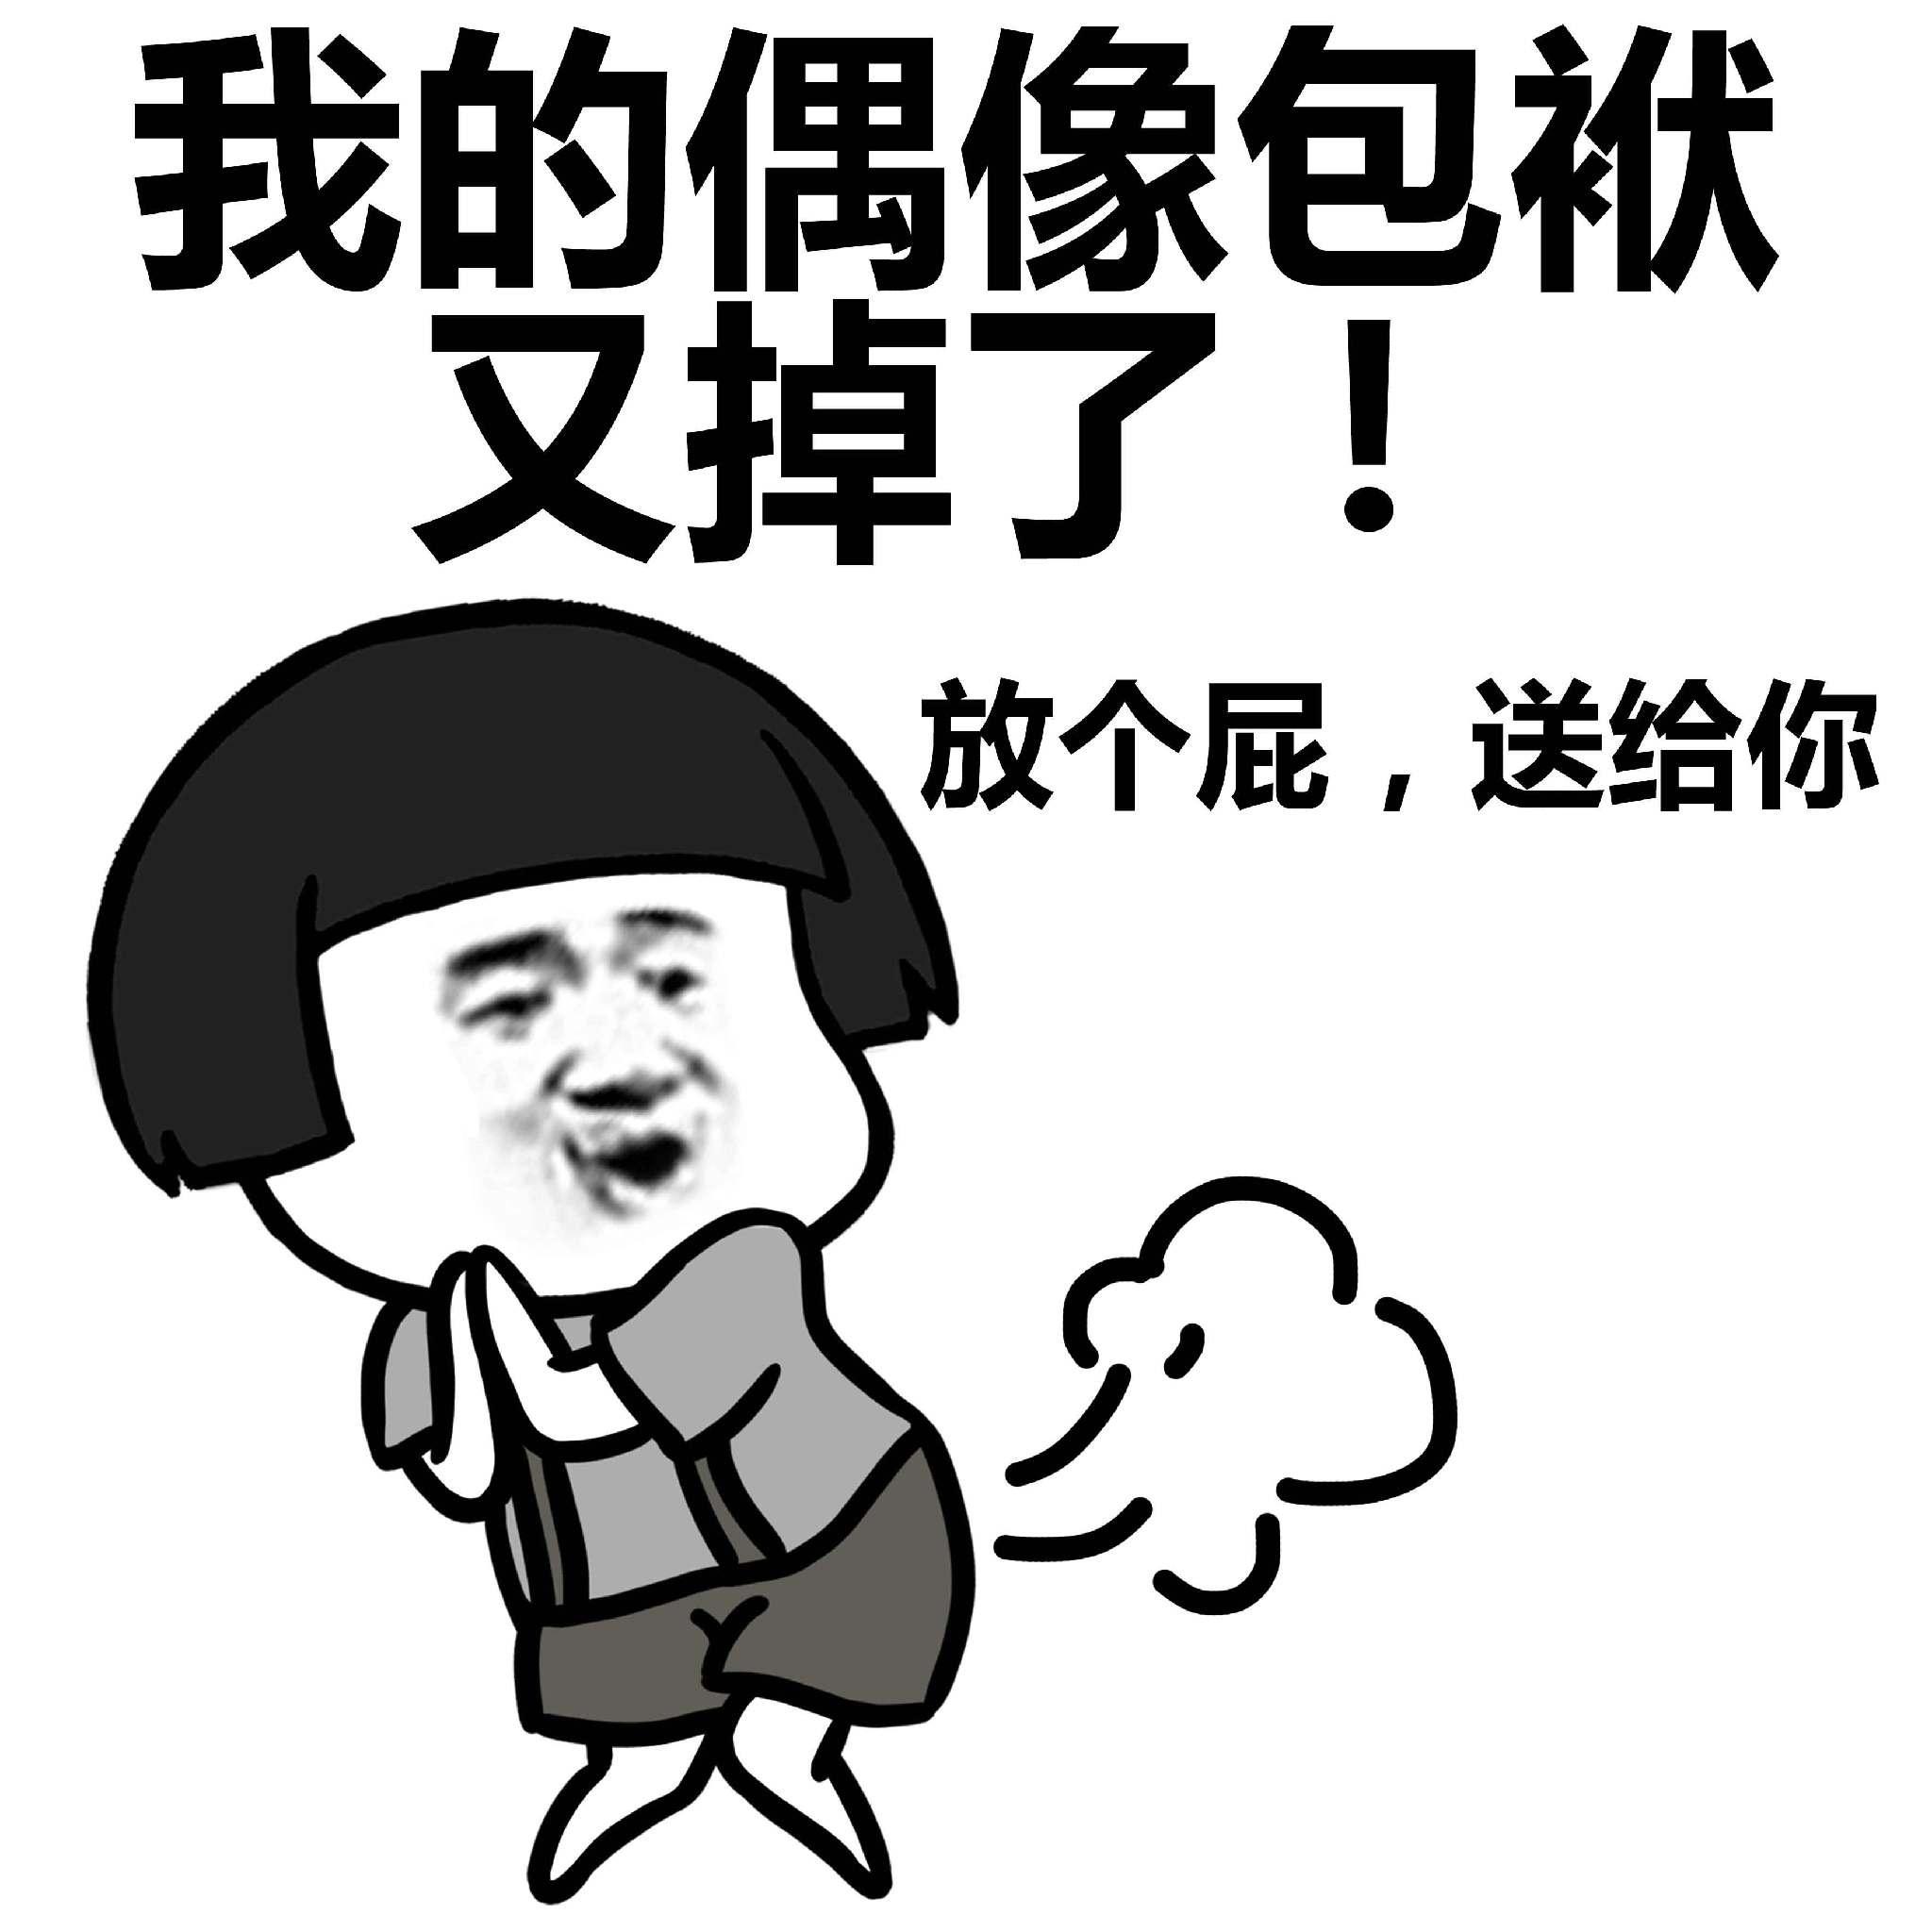 表情 蘑菇头内涵表情 斗图大会 金馆长表情库 真正的斗图网站 doutula.com 表情